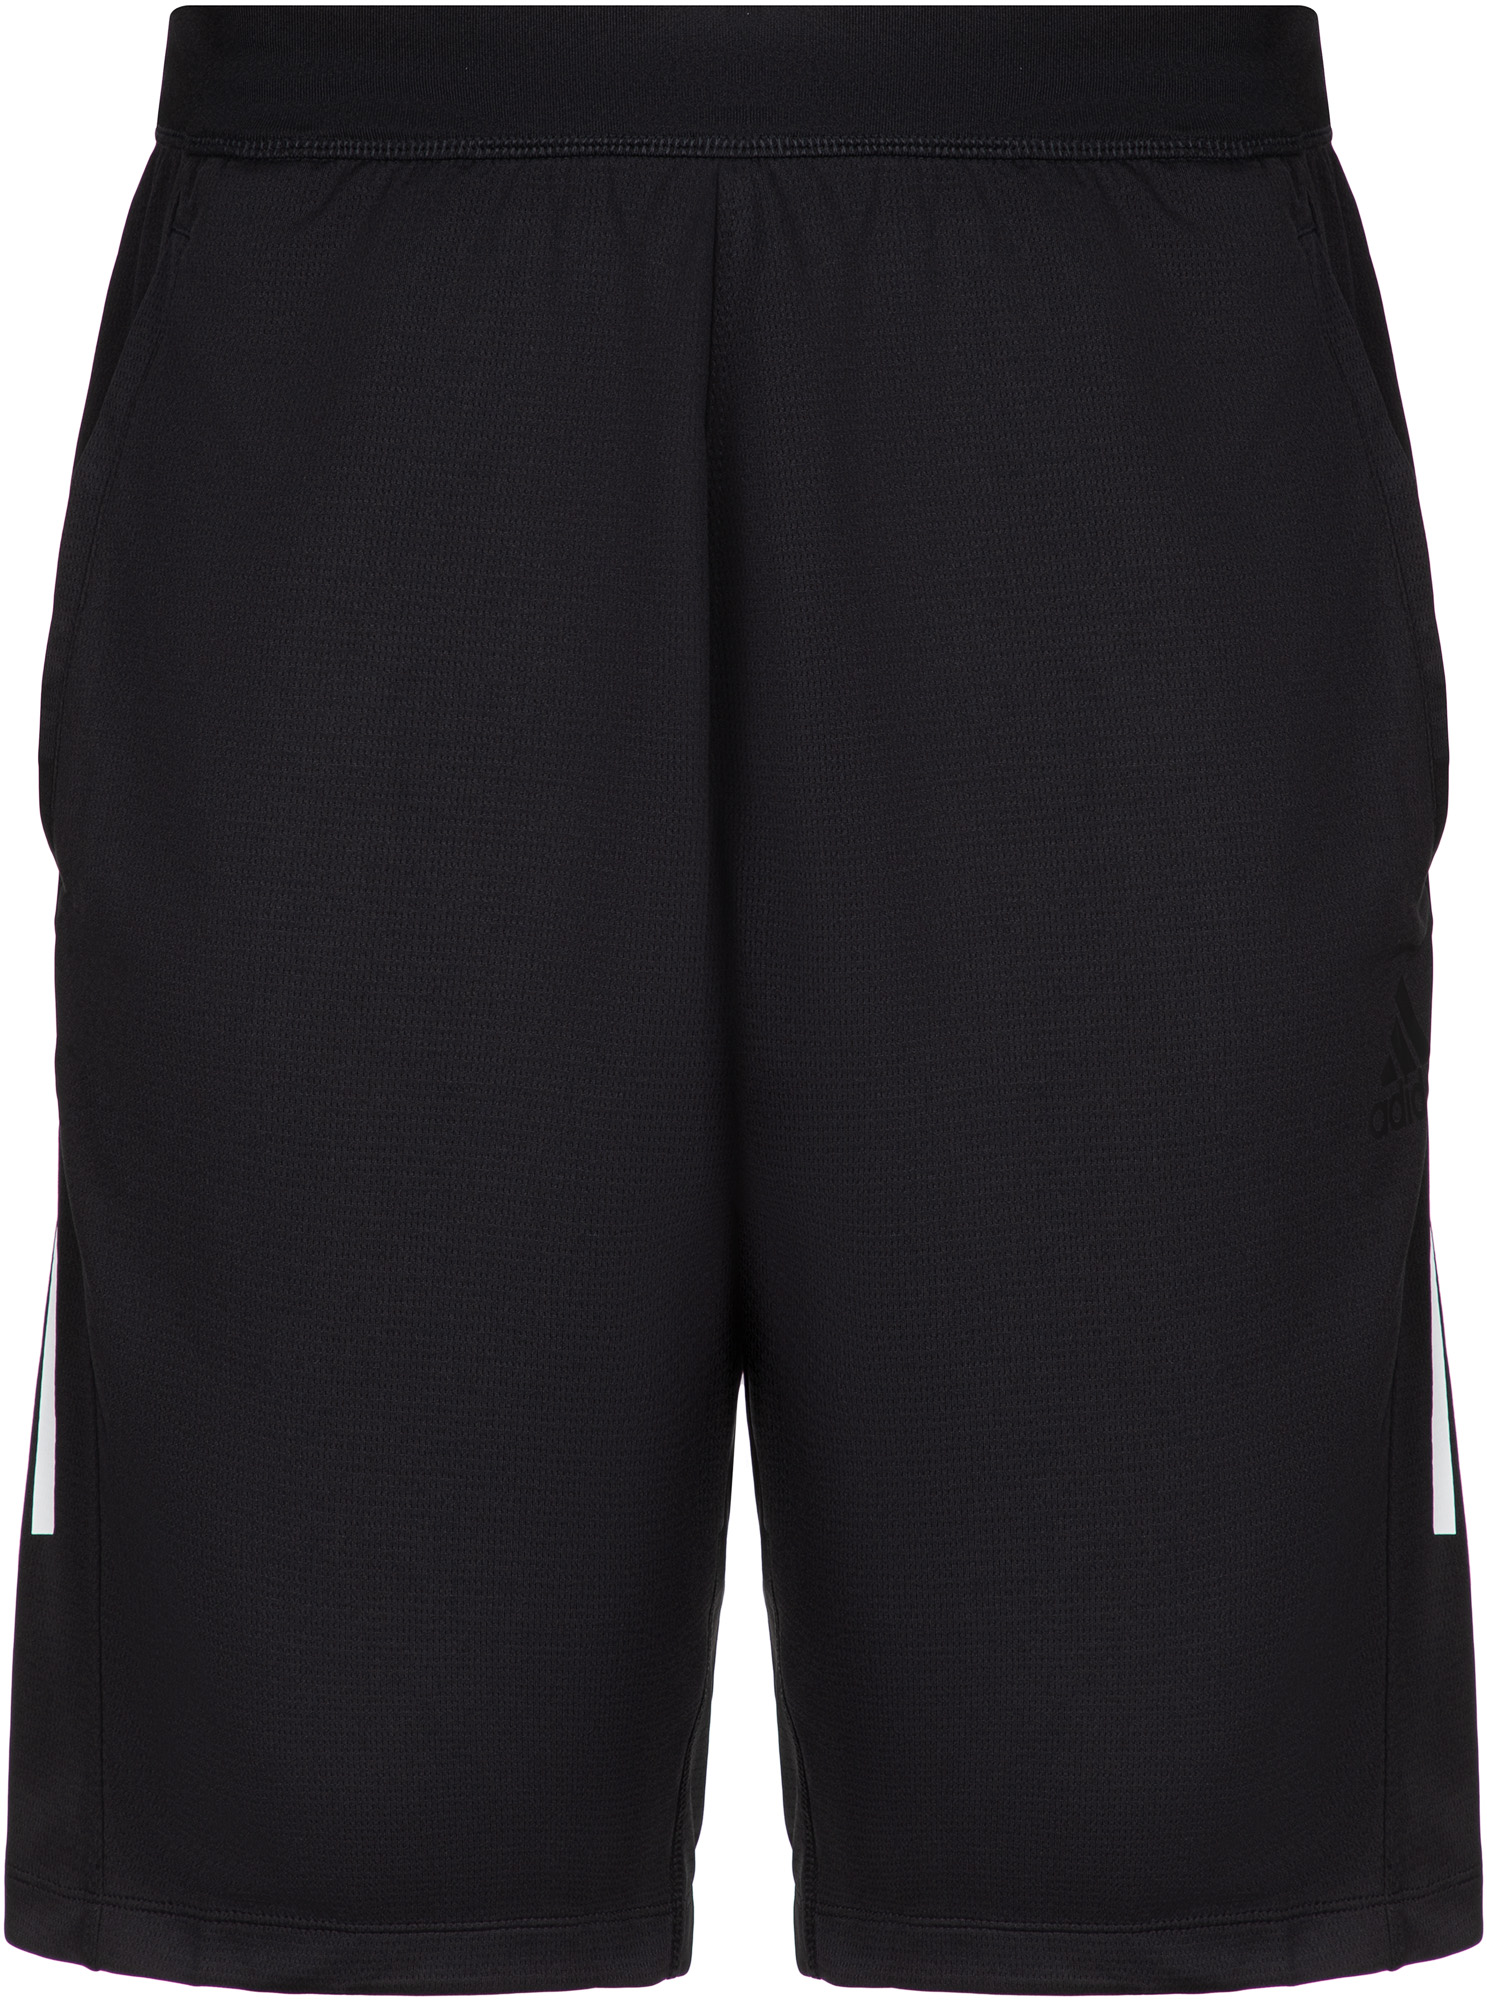 Adidas Шорты мужские adidas, размер 48-50 шорты для тенниса мужские adidas uncontrol climachill цвет черный b45842 размер l 52 54